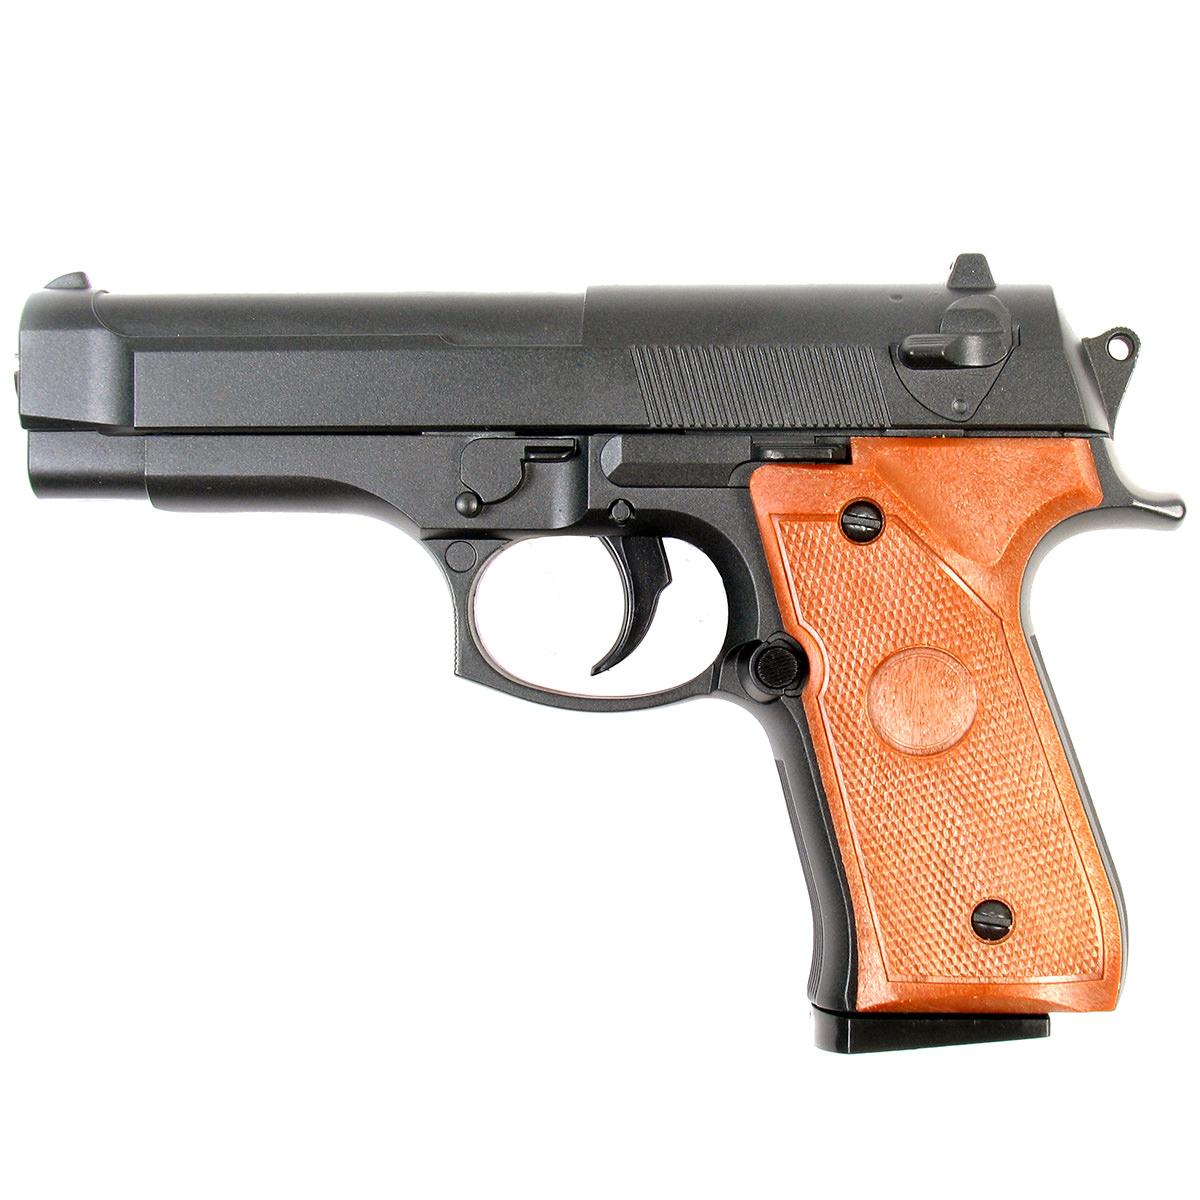 Пистолет страйкбольный Galaxy G.22, пружинный, 6 мм пистолет страйкбольный galaxy g 3 пружинный 6 мм